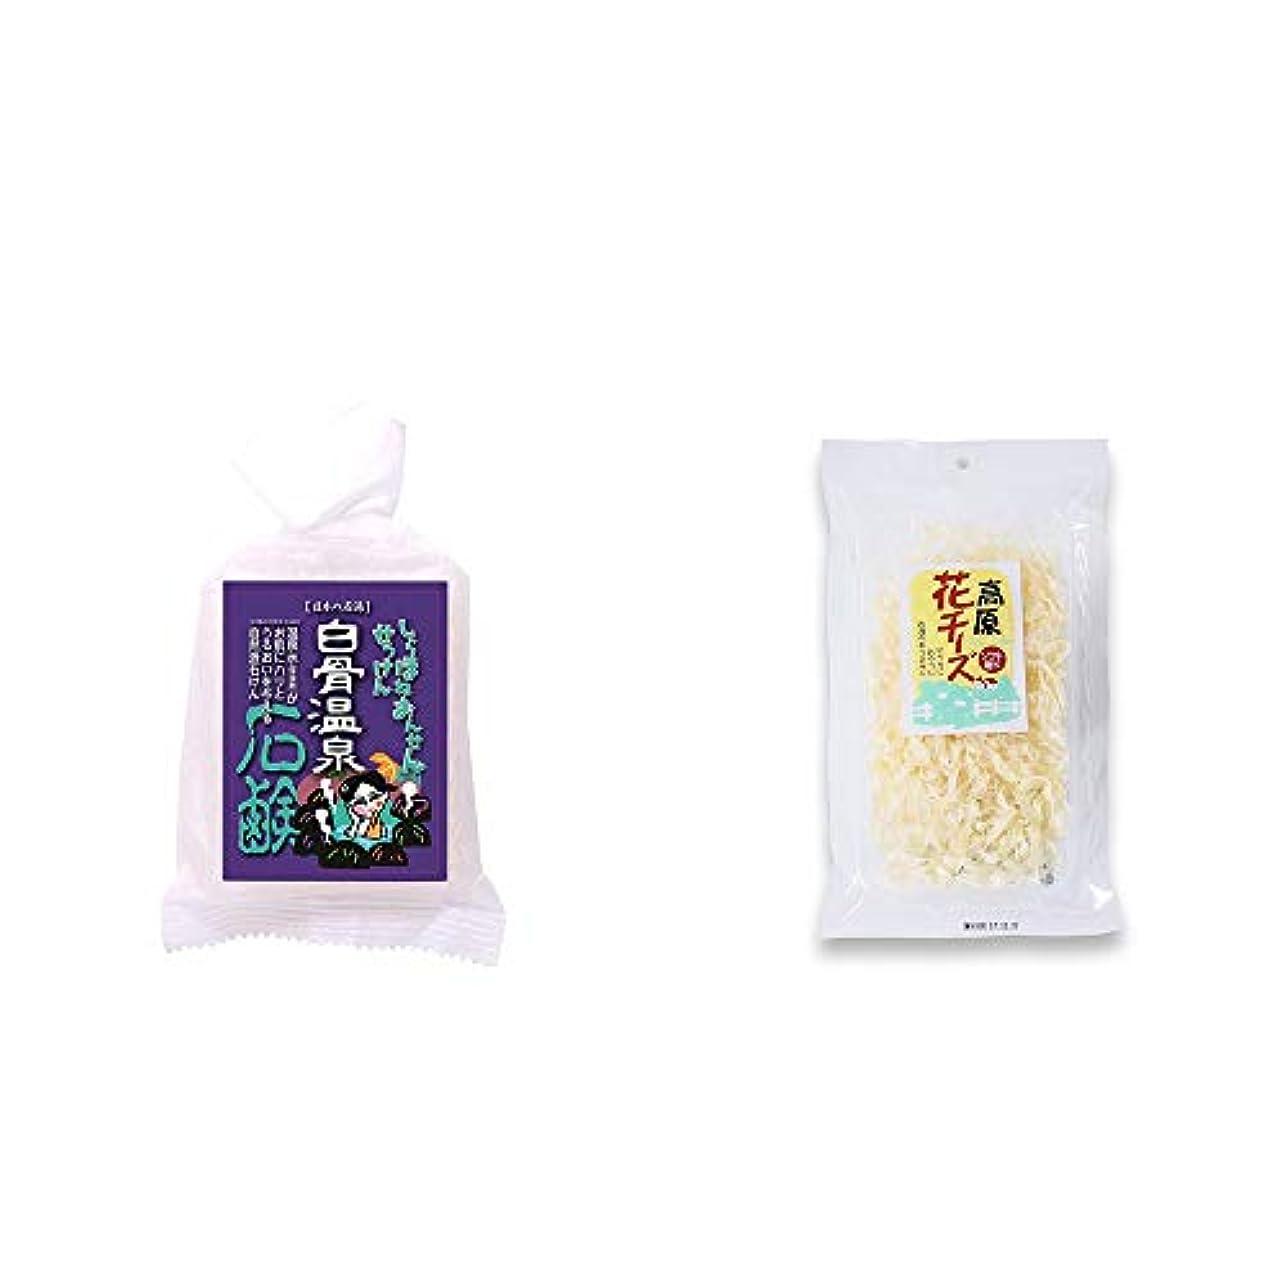 累積成長急性[2点セット] 信州 白骨温泉石鹸(80g)?高原の花チーズ(56g)